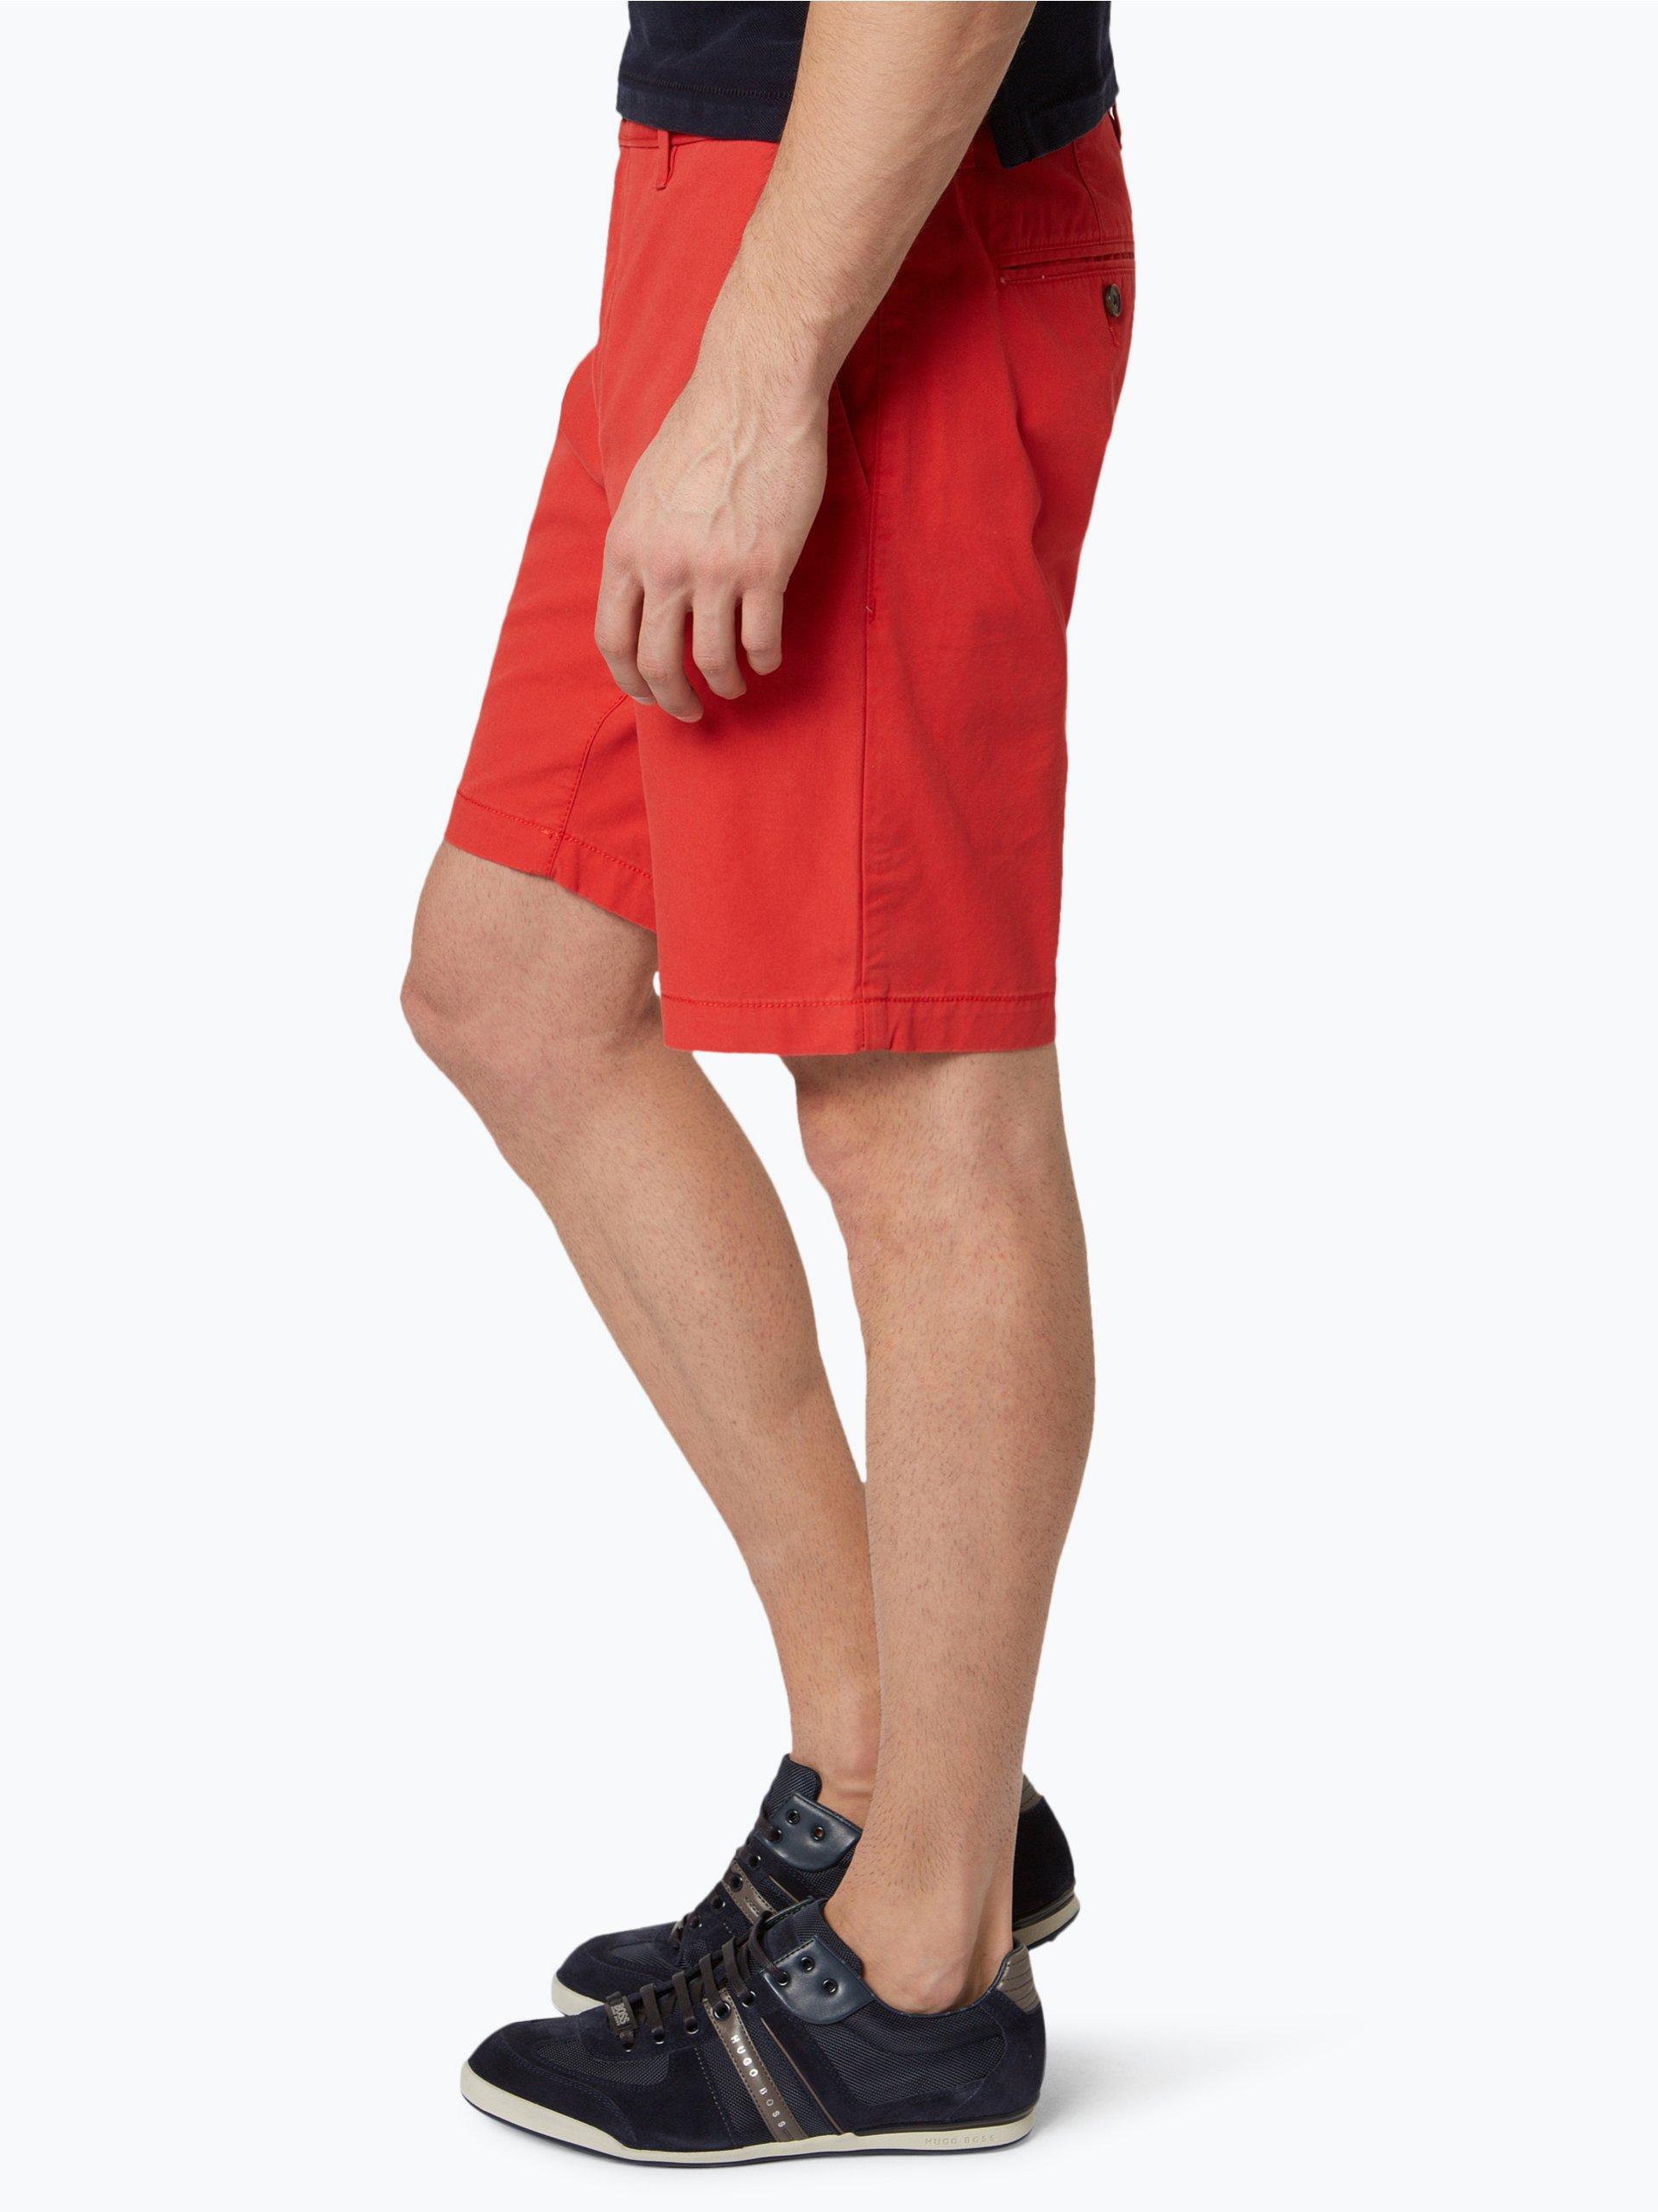 tommy hilfiger herren shorts brooklyn rot uni online kaufen peek und cloppenburg de. Black Bedroom Furniture Sets. Home Design Ideas